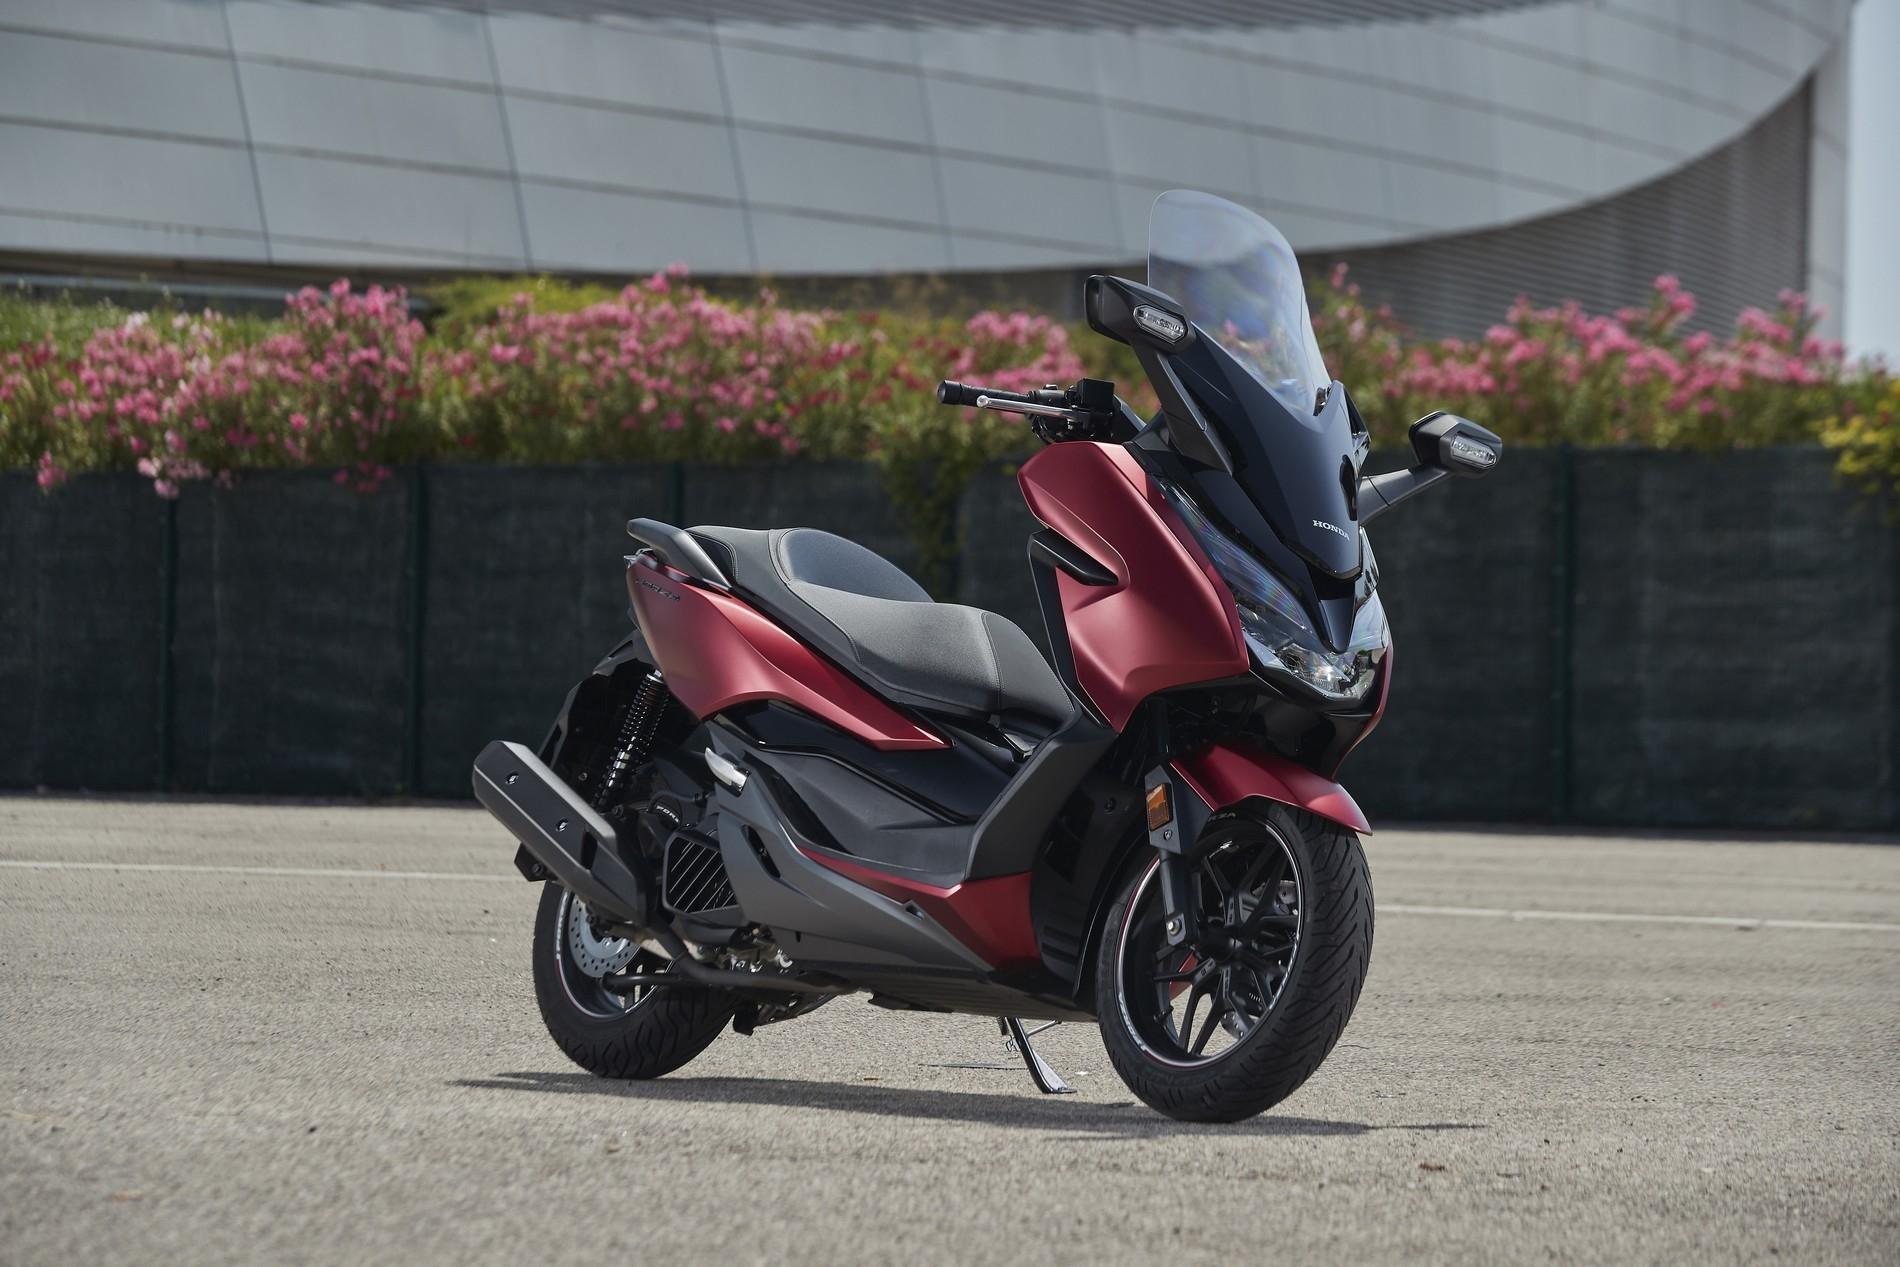 Essai Honda Forza 125 Cm3 2019 Forza Stique